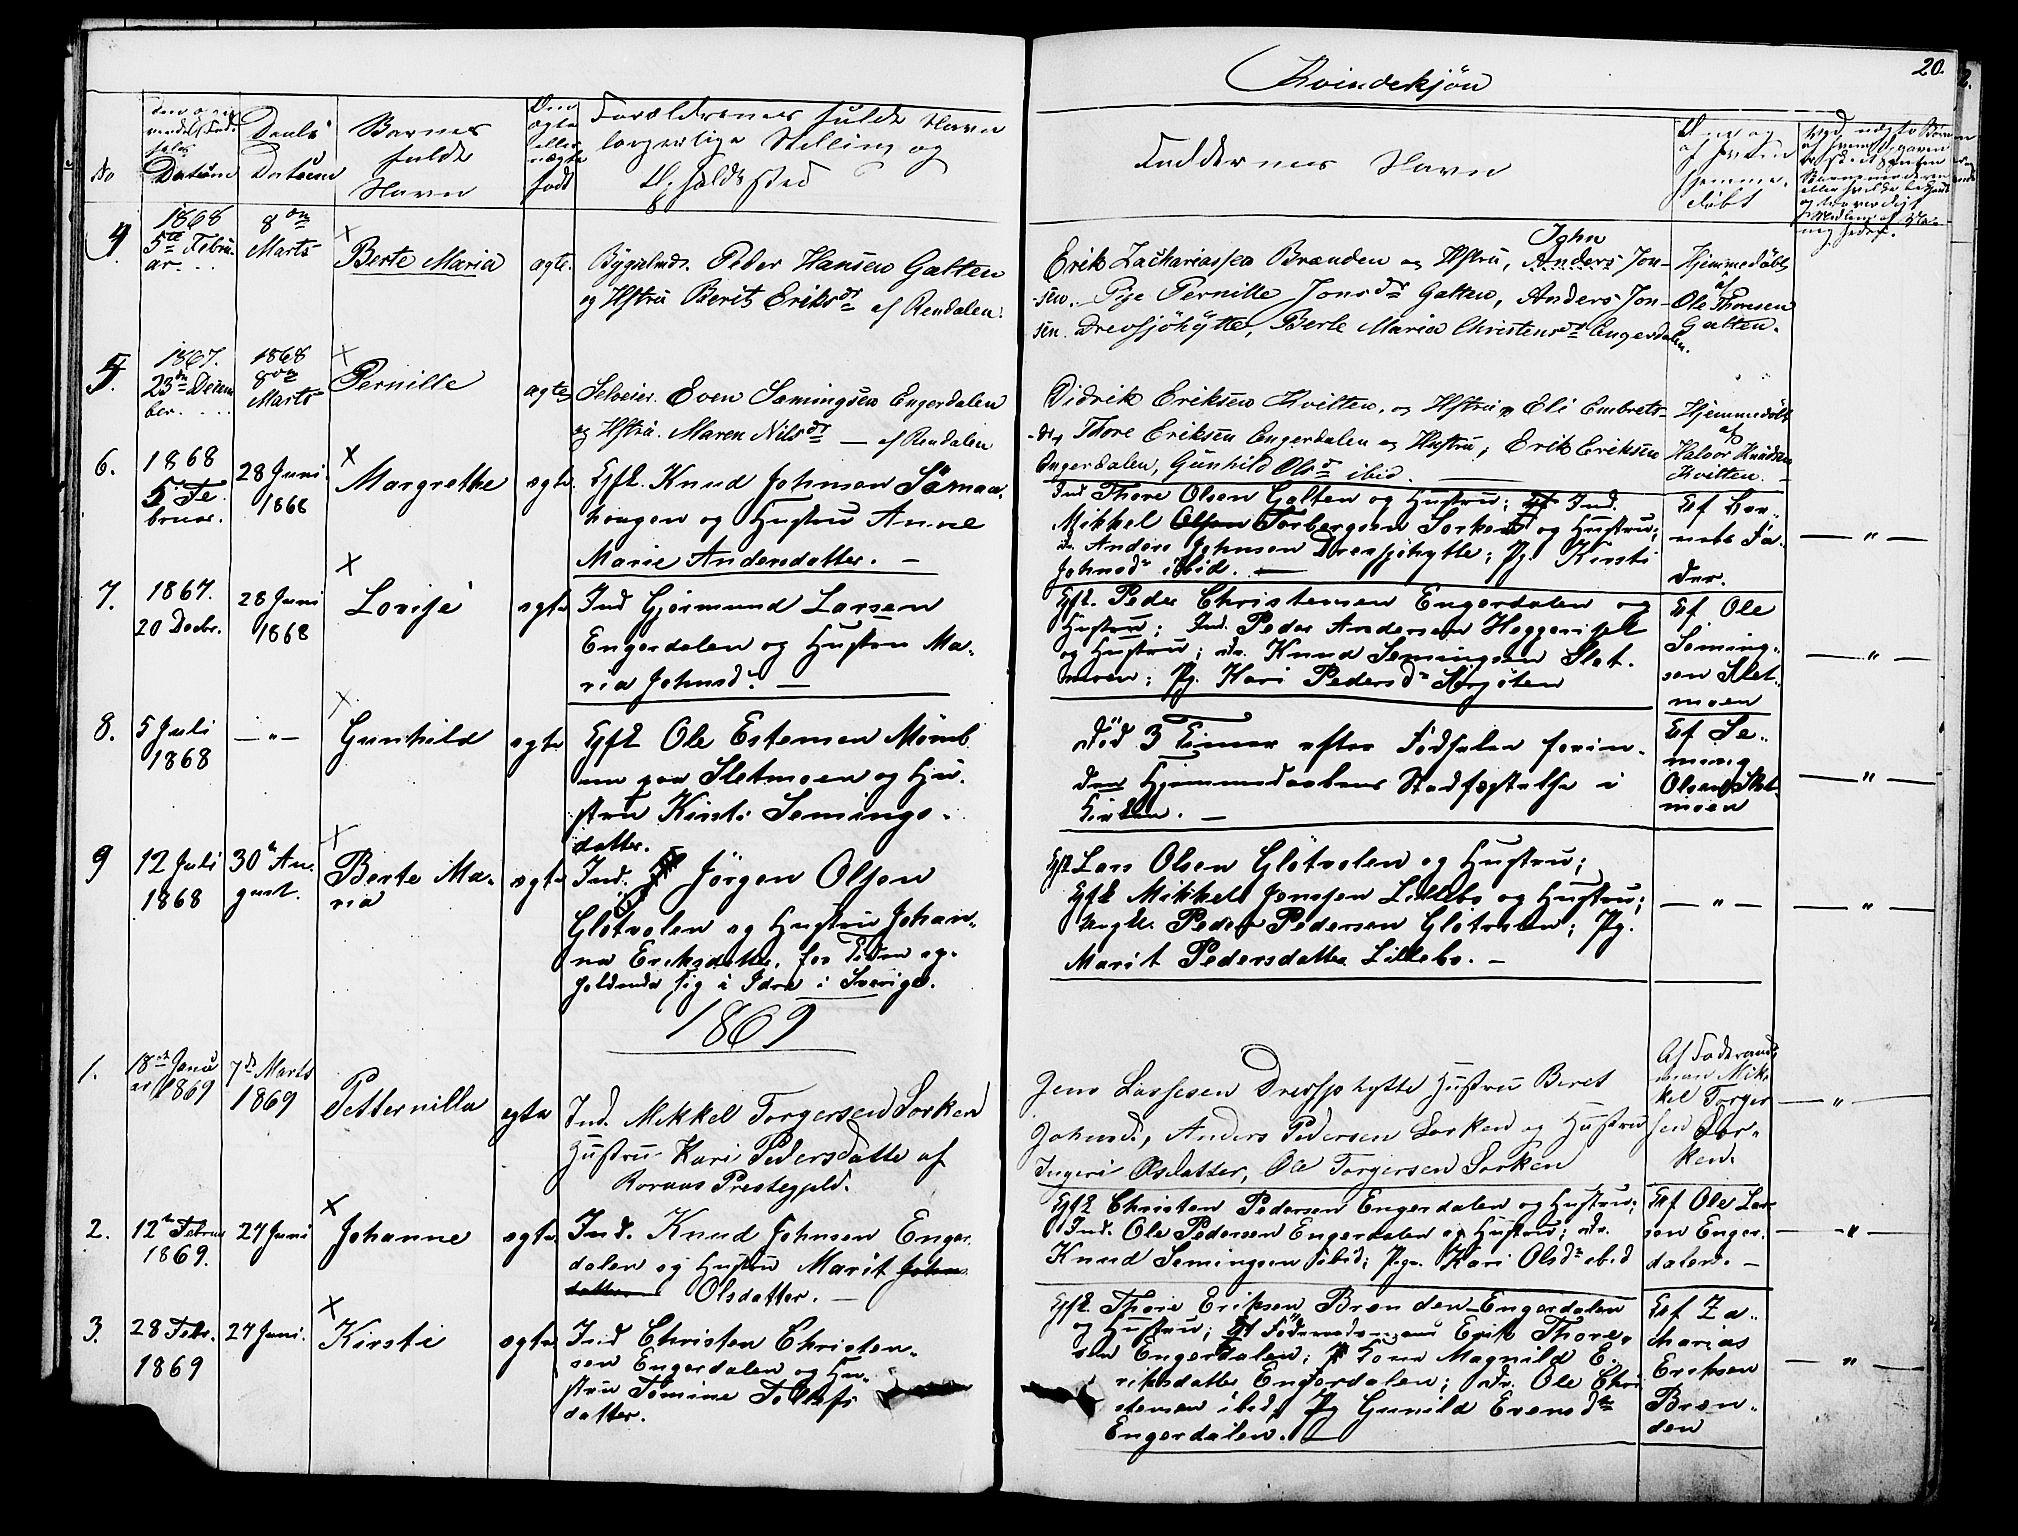 SAH, Rendalen prestekontor, H/Ha/Hab/L0002: Klokkerbok nr. 2, 1858-1880, s. 20